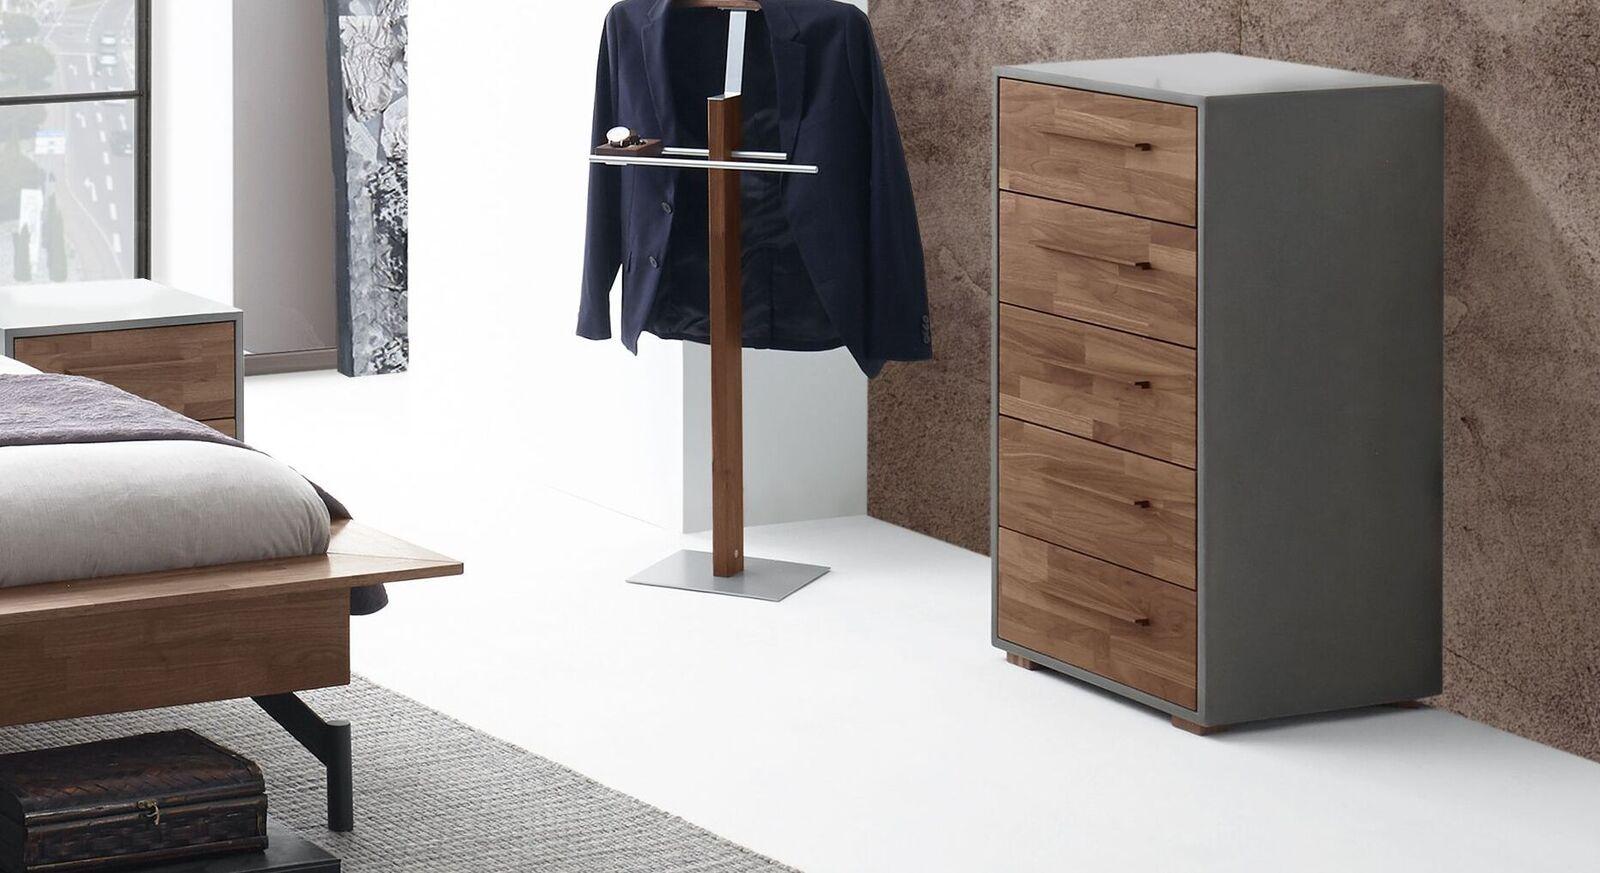 Zweifarbige Hochkommode Tolacon mit Echtholz-Schubladenfront